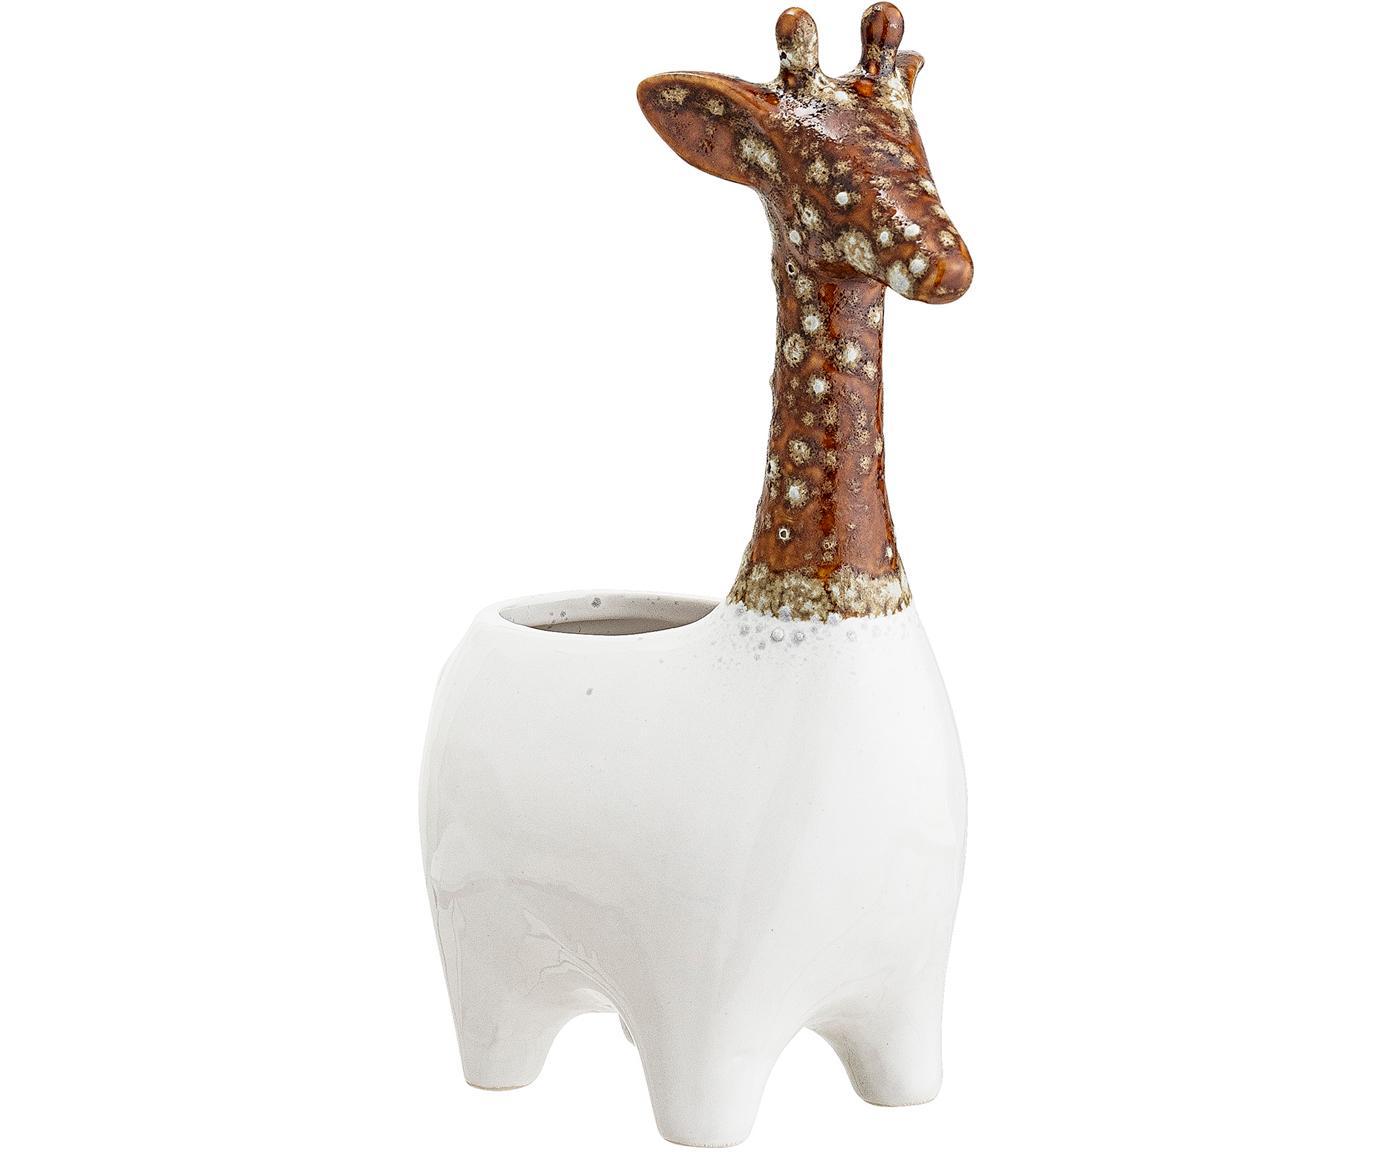 Handgefertigter Übertopf Giraffe, Steingut, Weiss, Braun, 17 x 25 cm